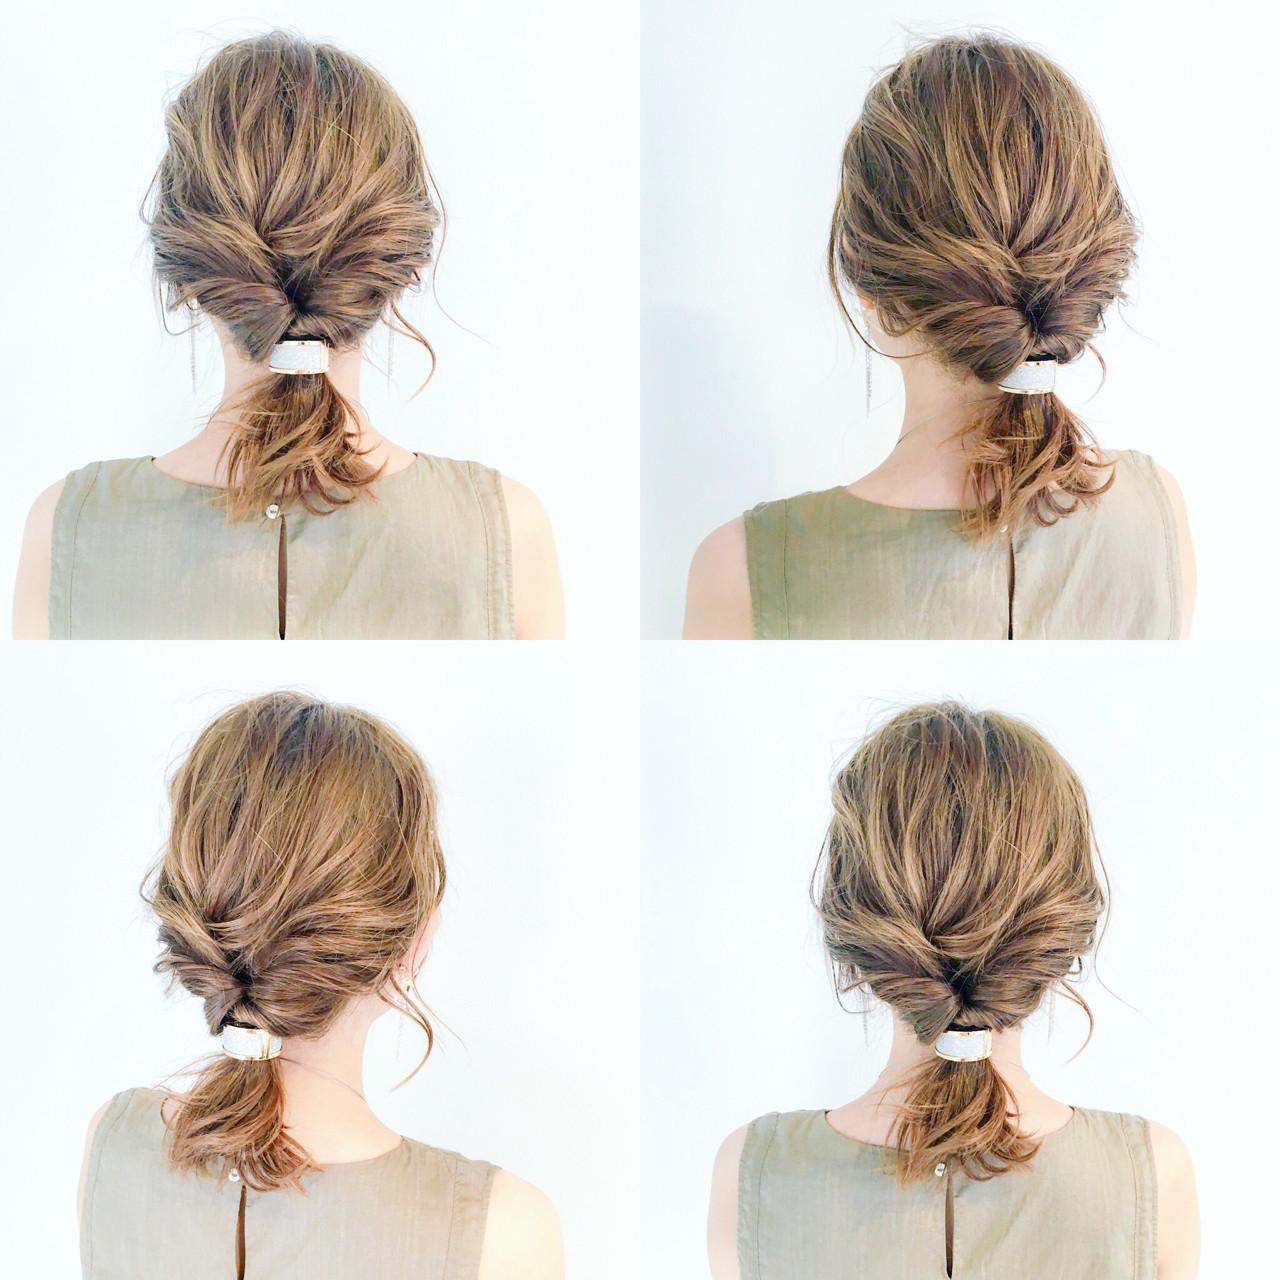 オフィス 女子会 簡単ヘアアレンジ セミロング ヘアスタイルや髪型の写真・画像